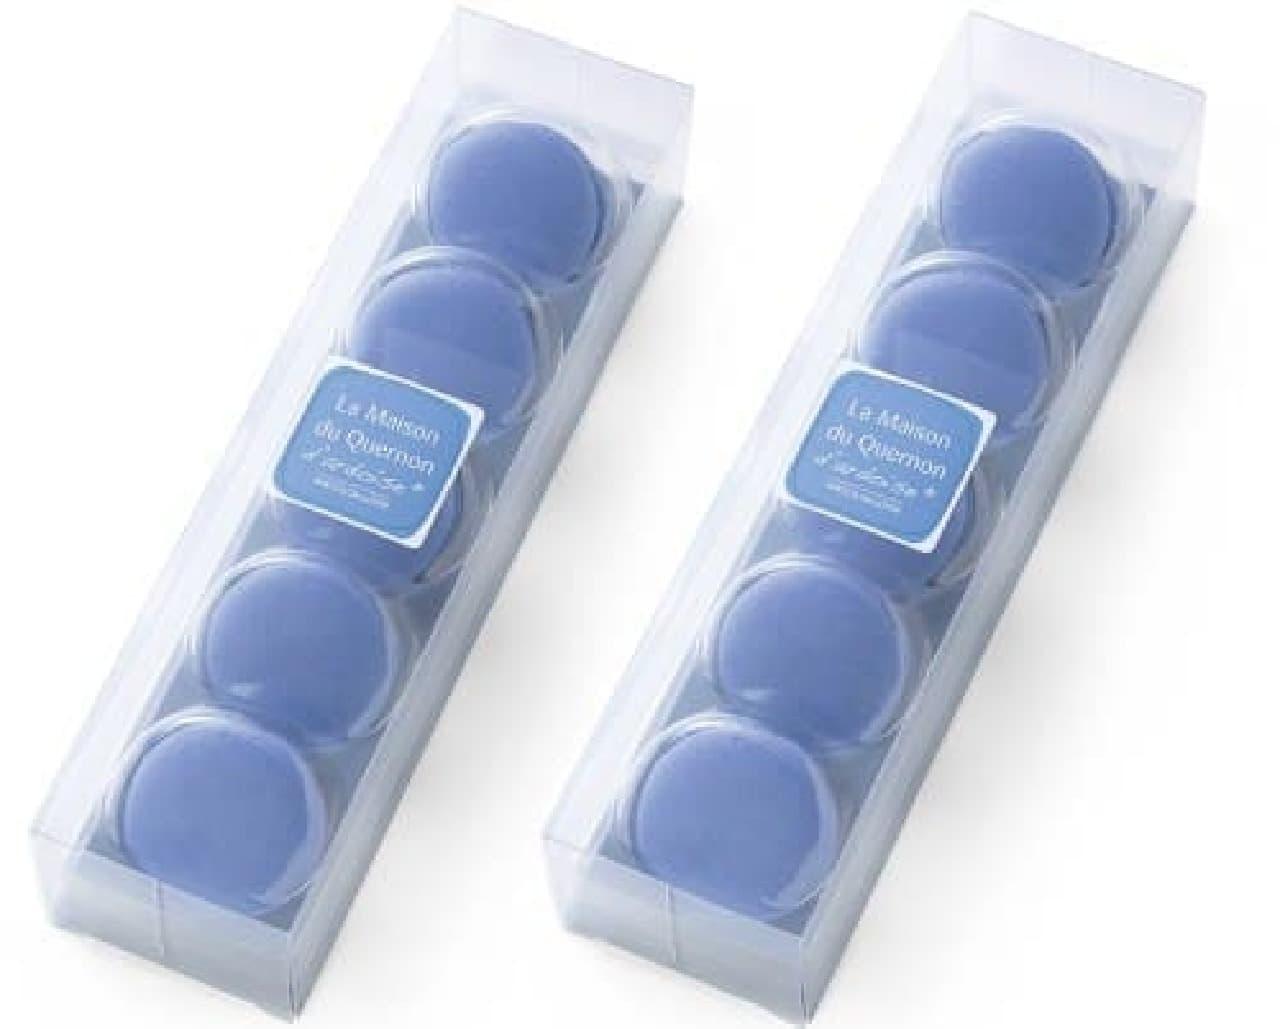 フェリシモ「幸福の青いチョコレート ケルノン ダルドワーズ マカロン」